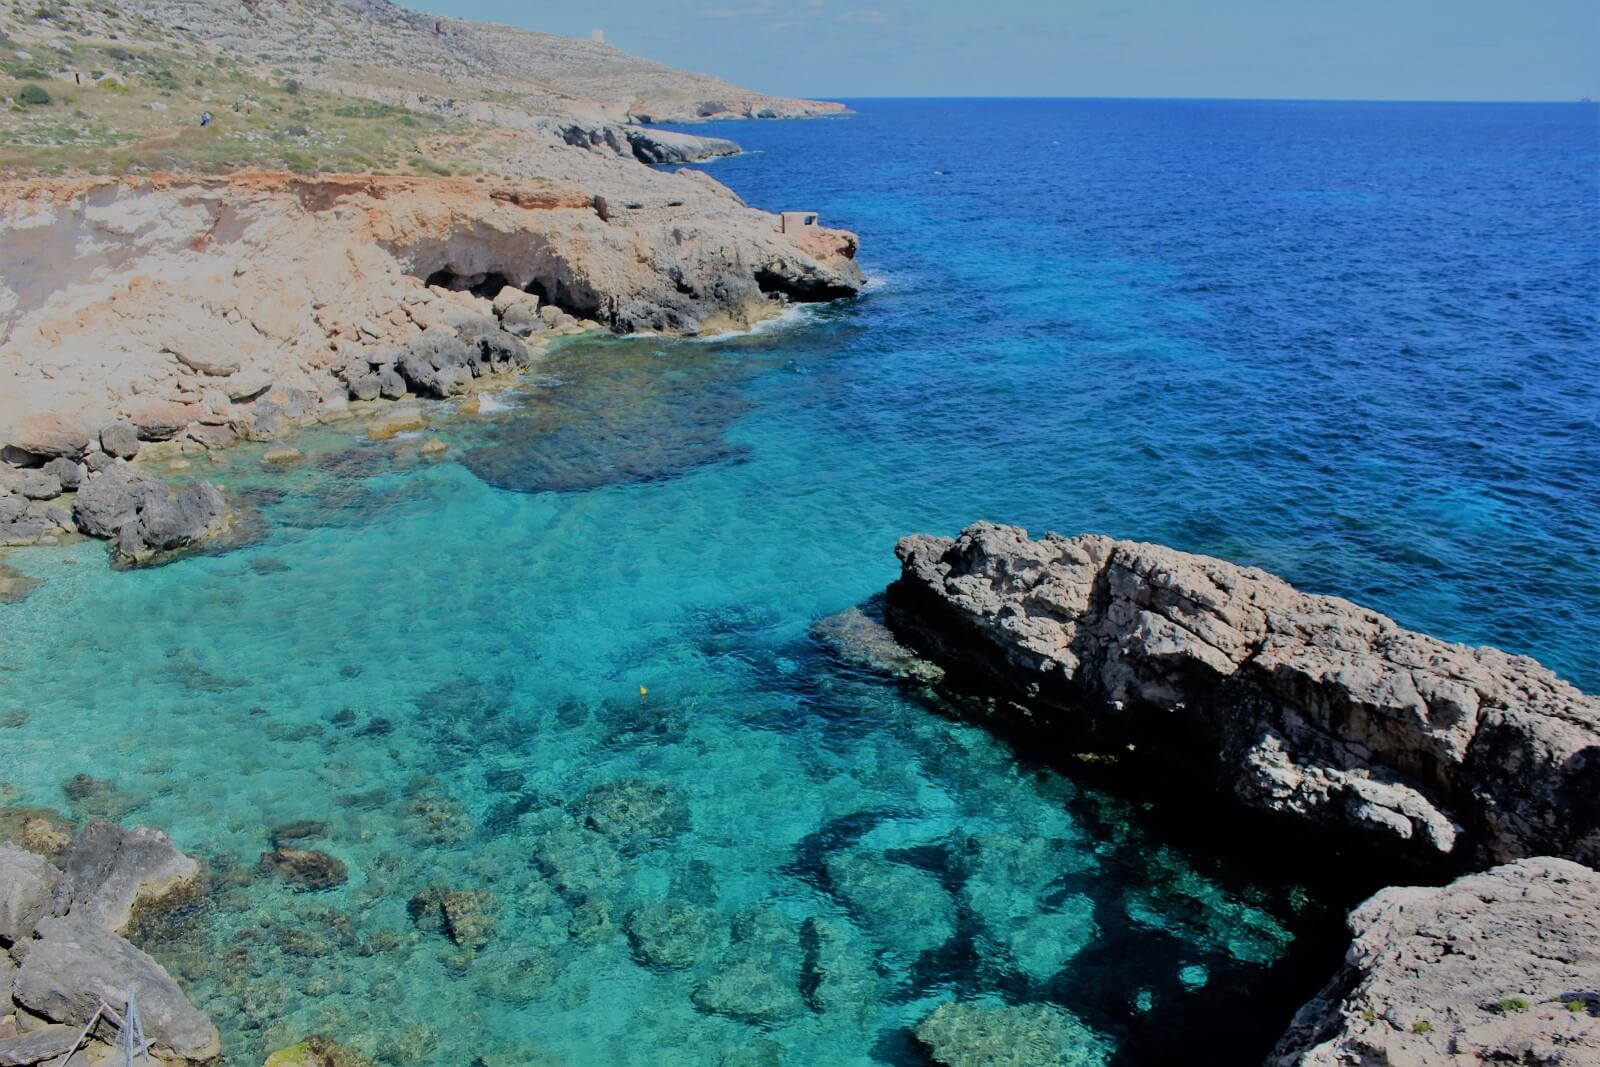 Image of Malta Lagoon